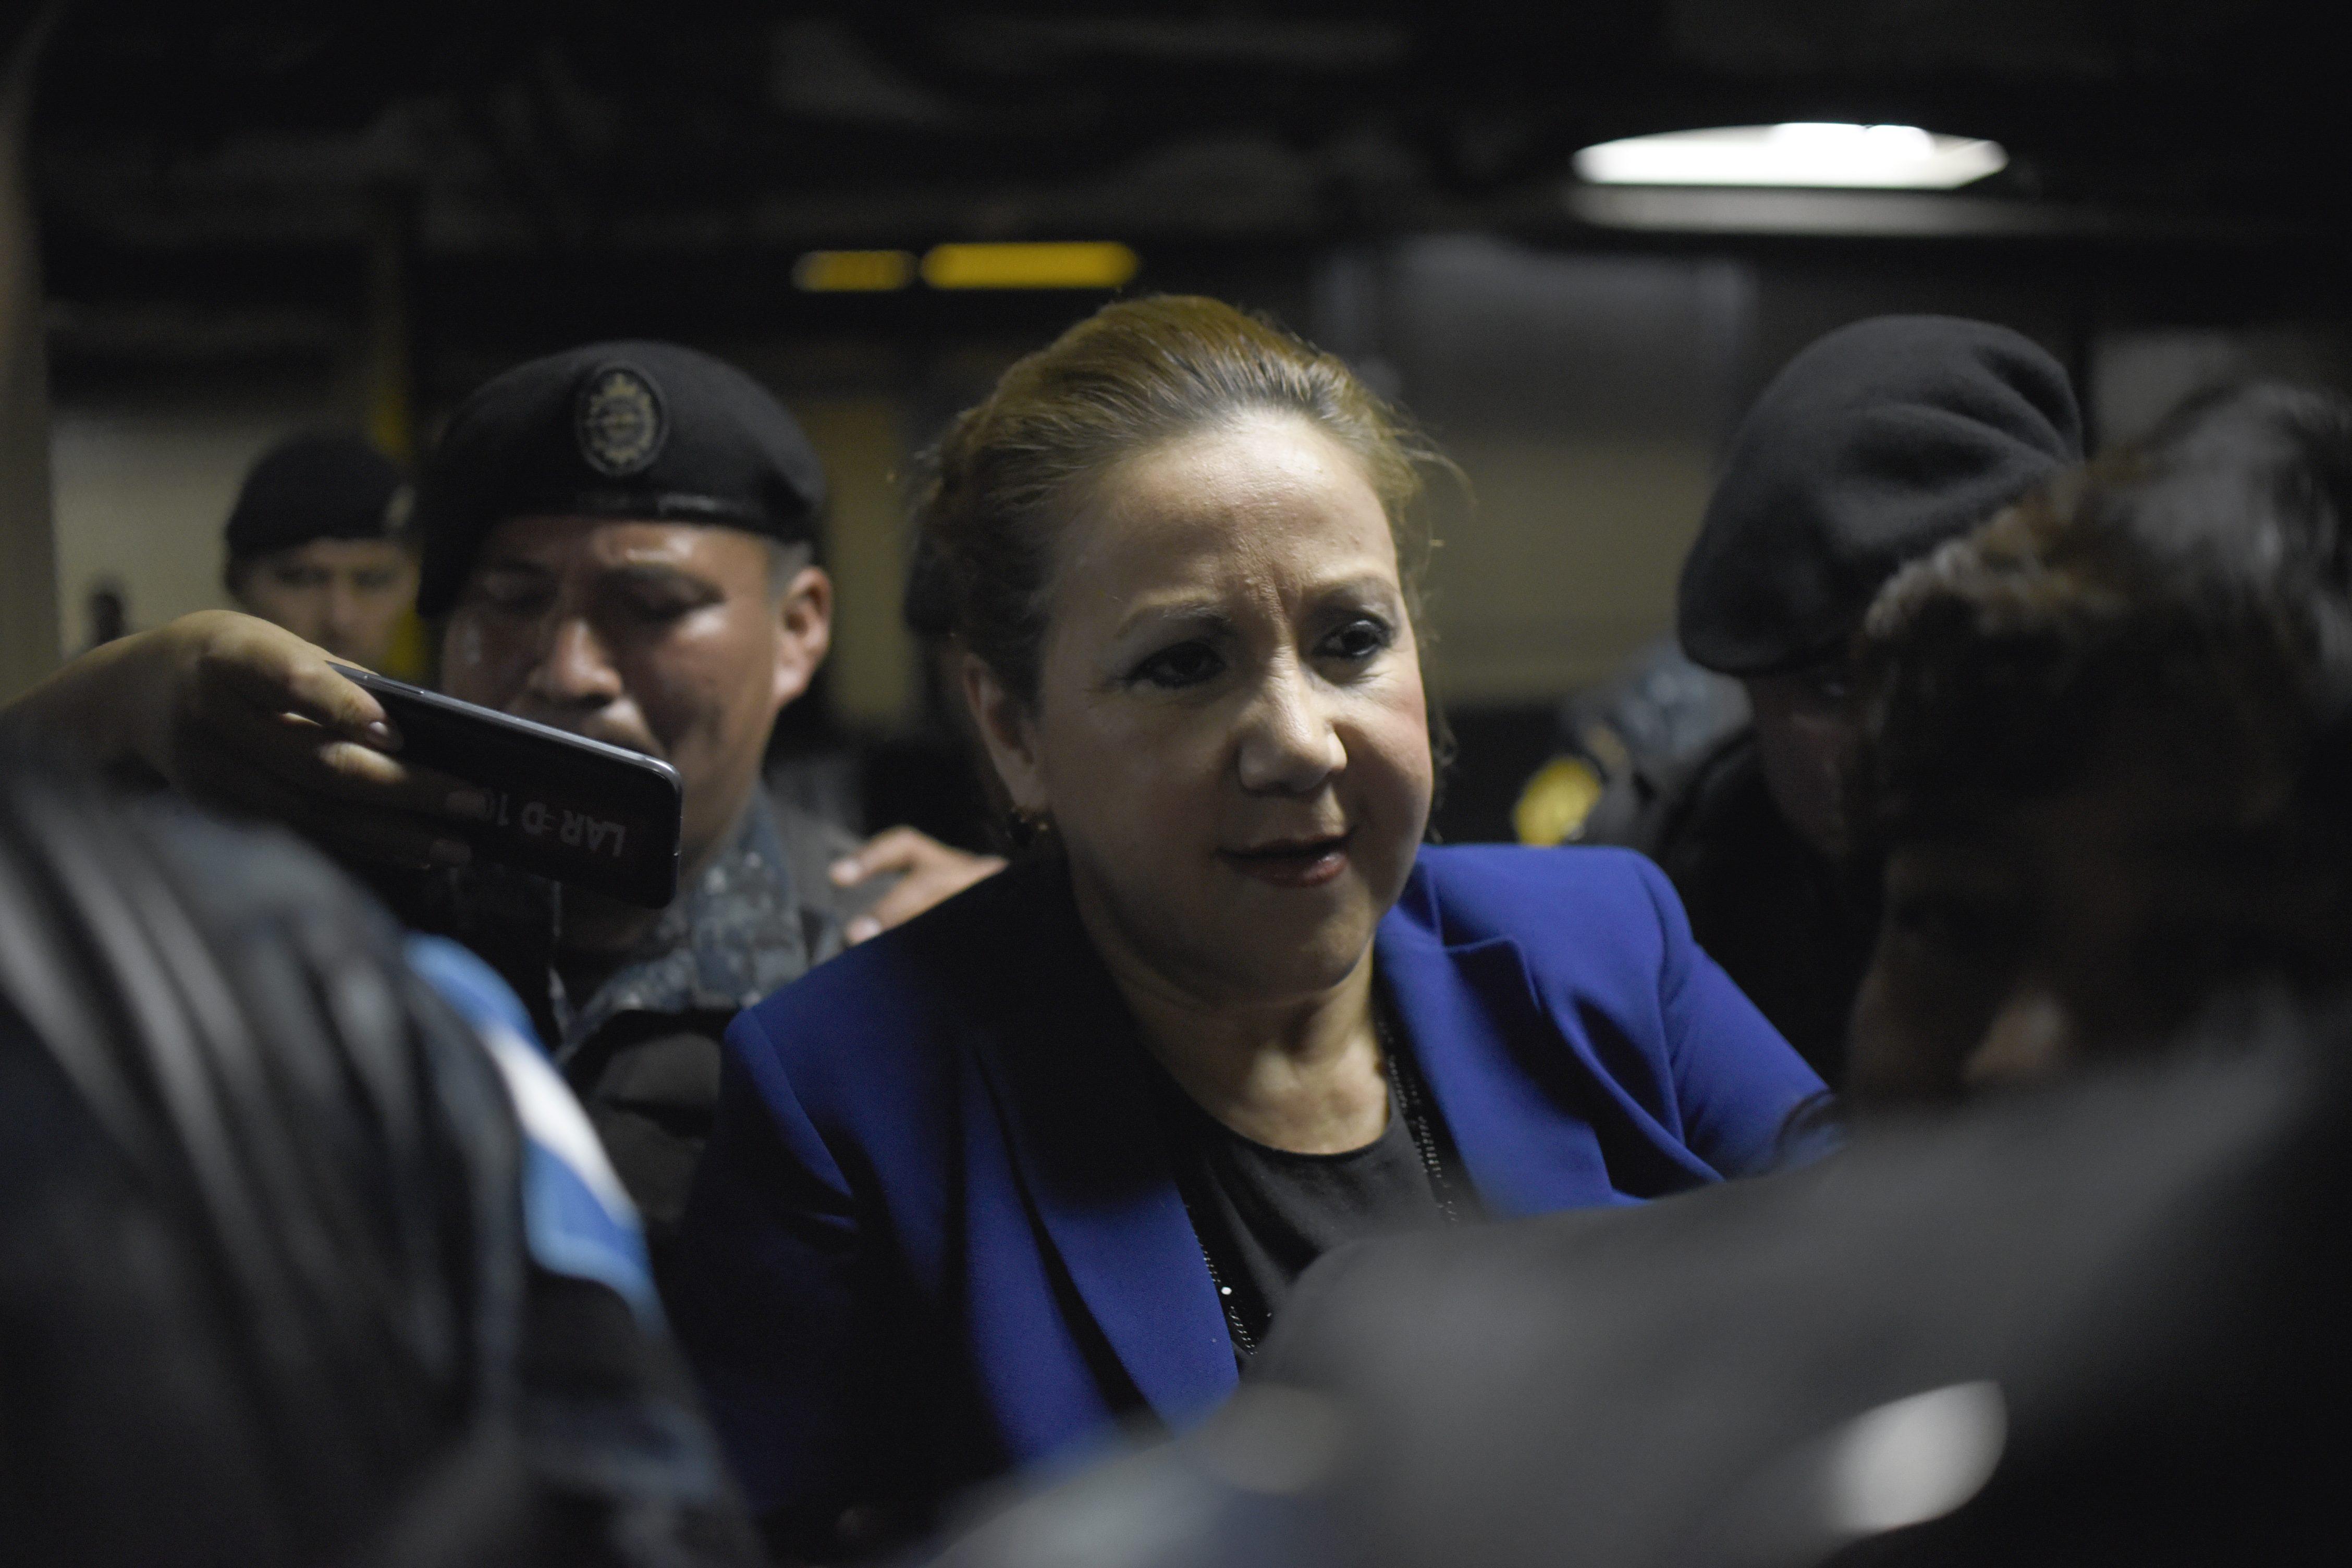 La jueza Blanca Stalling es custodiada por la policía tras ser arrestada en Ciudad de Guatemala. (Crédito: JOHAN ORDONEZ/AFP/Getty Images)